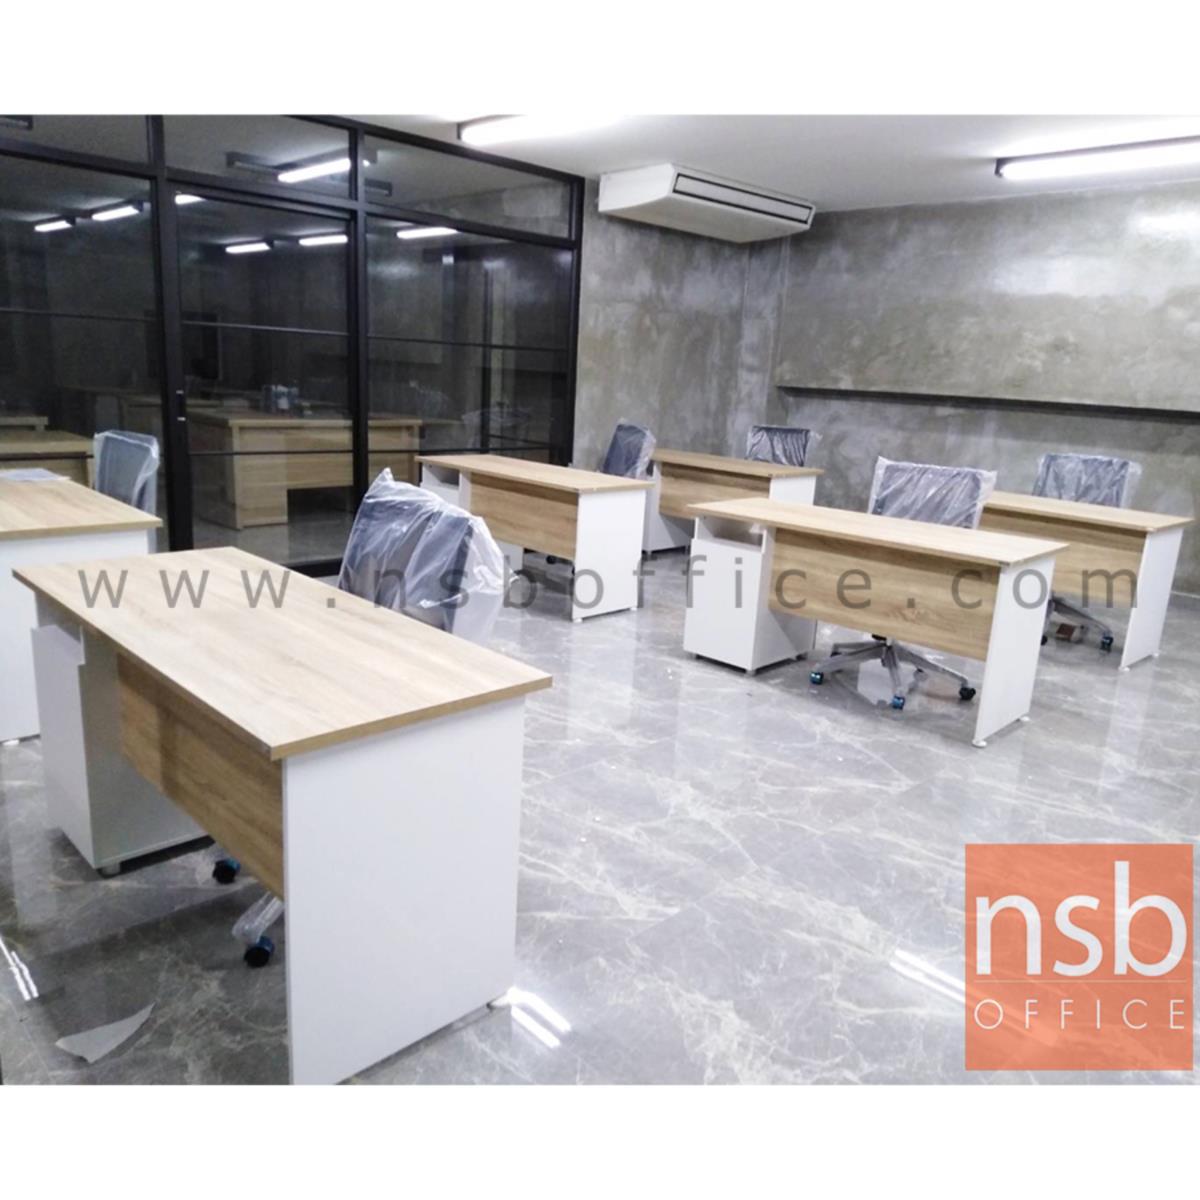 โต๊ะทำงาน 2 ลิ้นชัก รุ่น Banderas (แบนเดอราส) ขนาด 120W ,150W ,160W cm.  เมลามีน สีเนเจอร์ทีค-ขาว